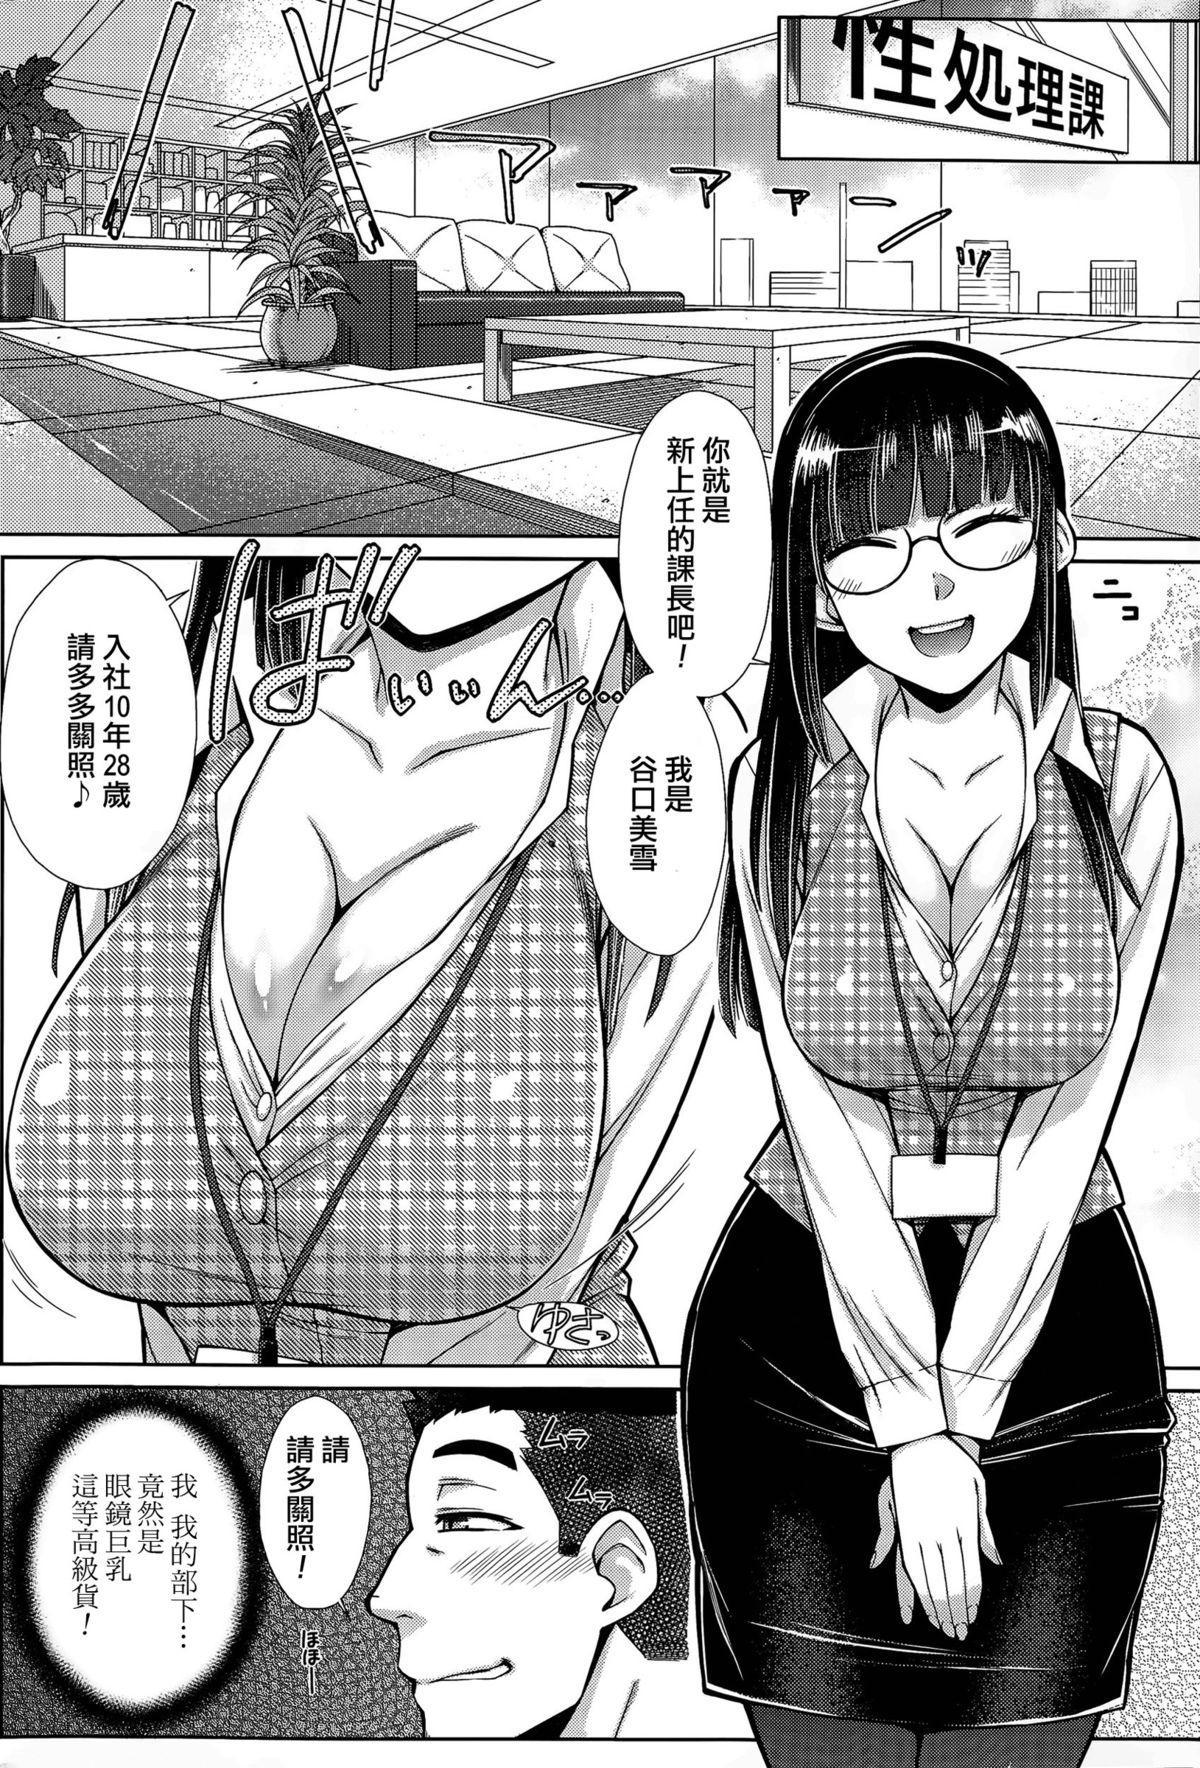 Zetsurin Danshi no Harem Seikatsu Ch. 1-5 21